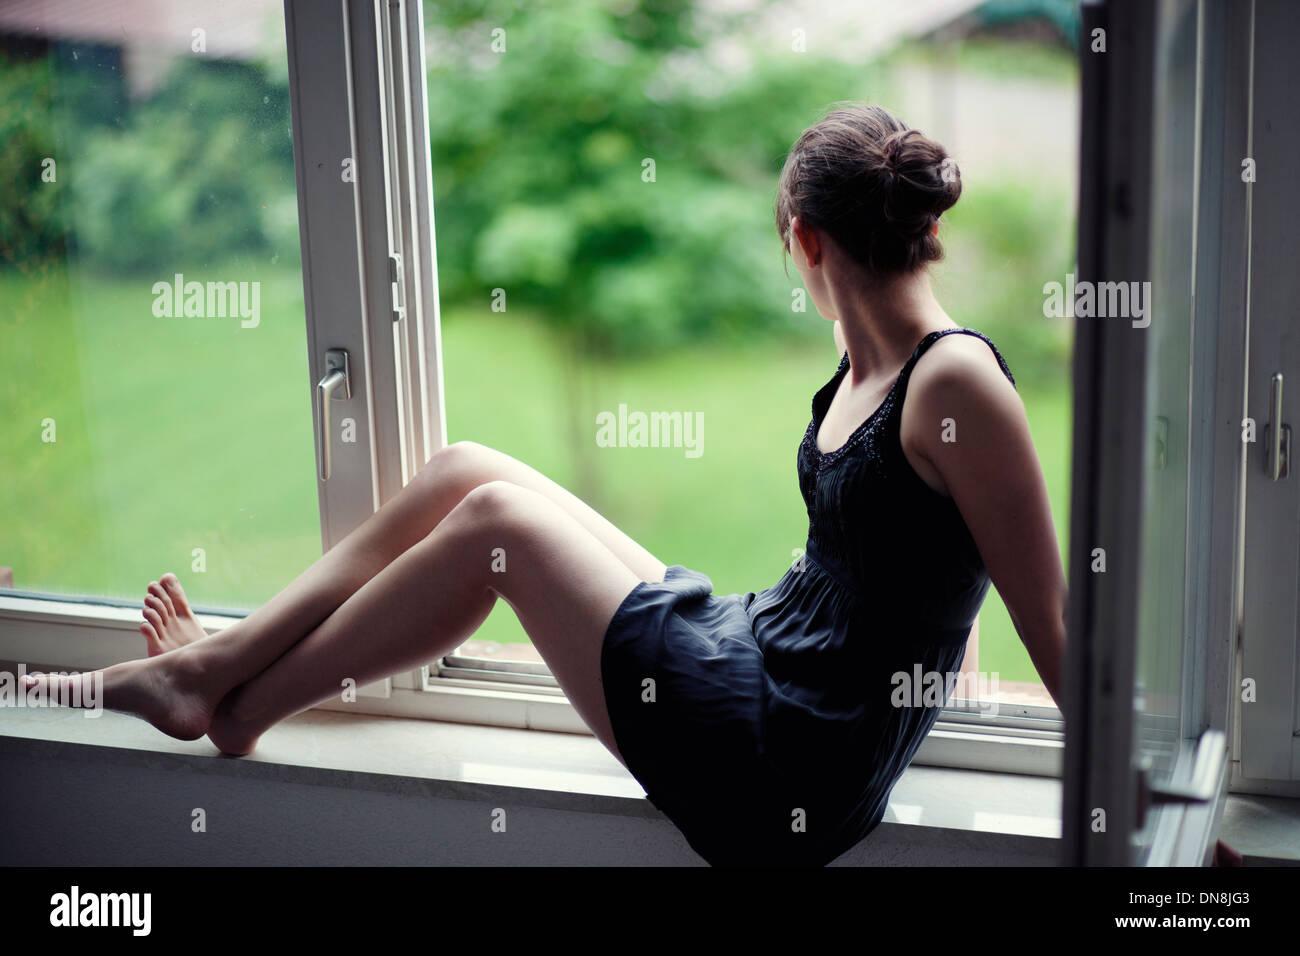 Junge Frau sitzt auf einem Fensterbrett Stockbild